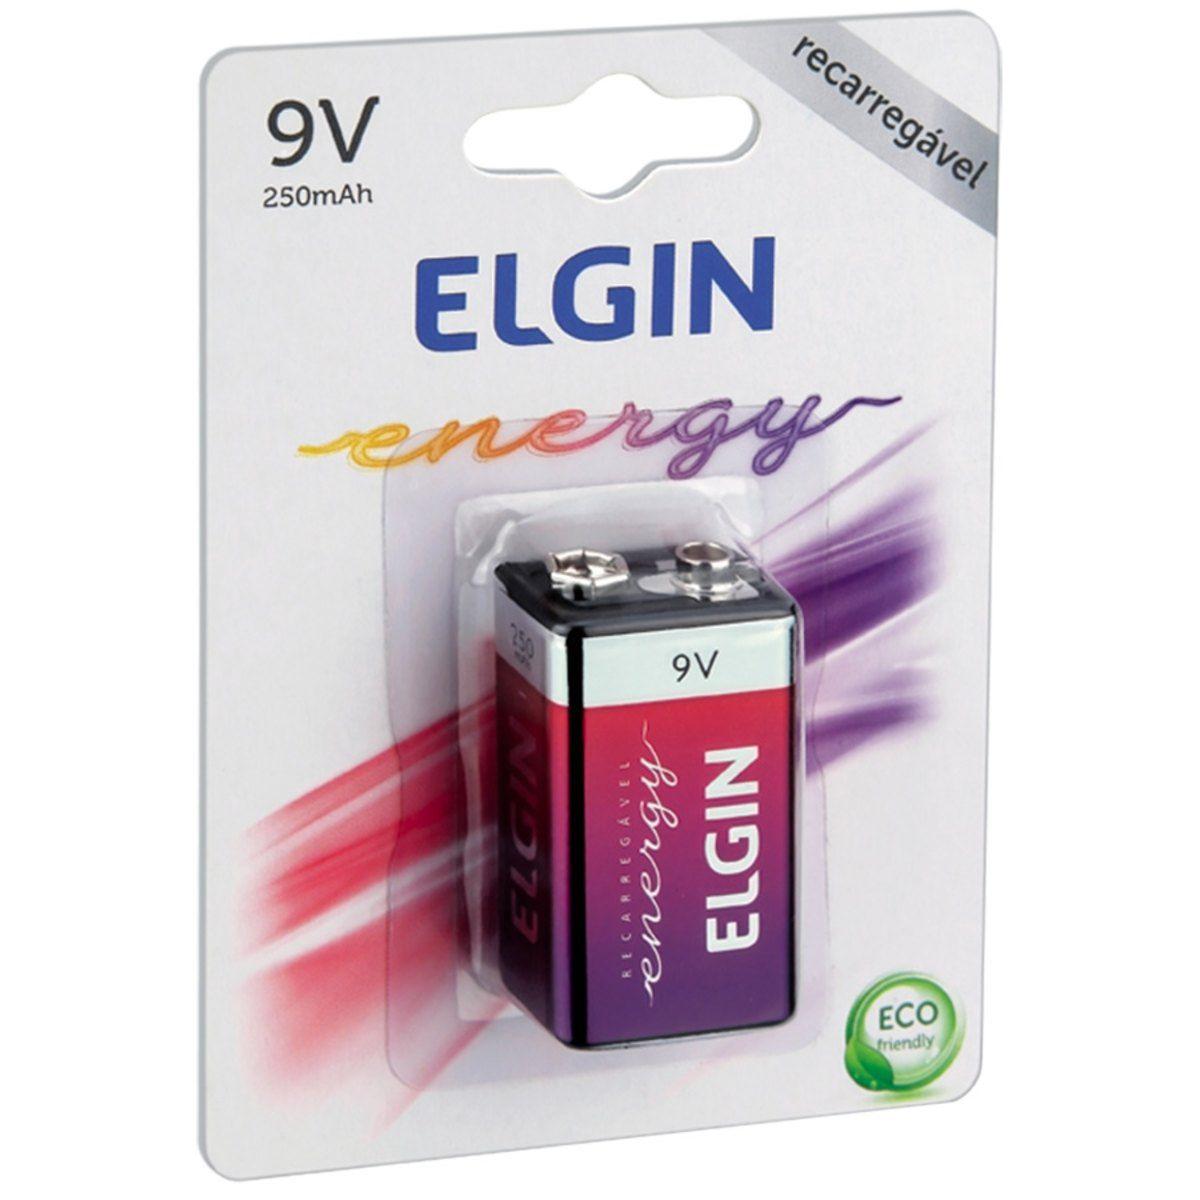 05 Baterias 9V 250mAh Recarregável ELGIN - 05 cartelas com 1 unidade